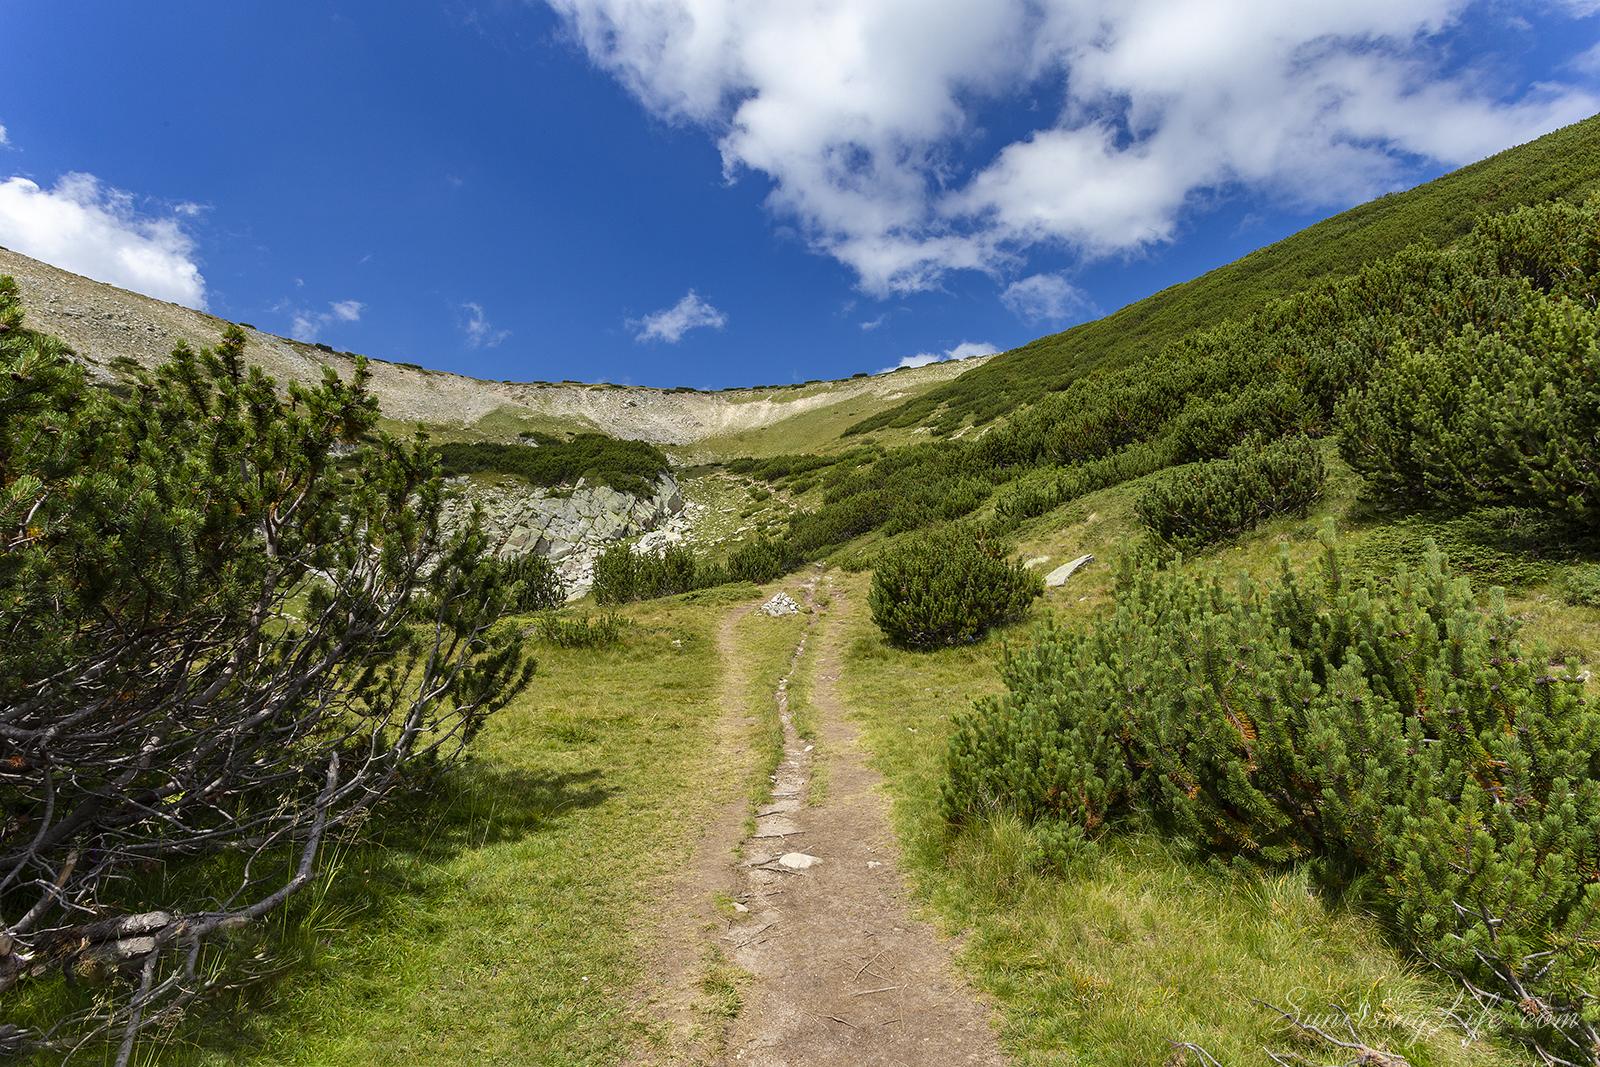 клекове по пътя към връх полежан и връх безбог